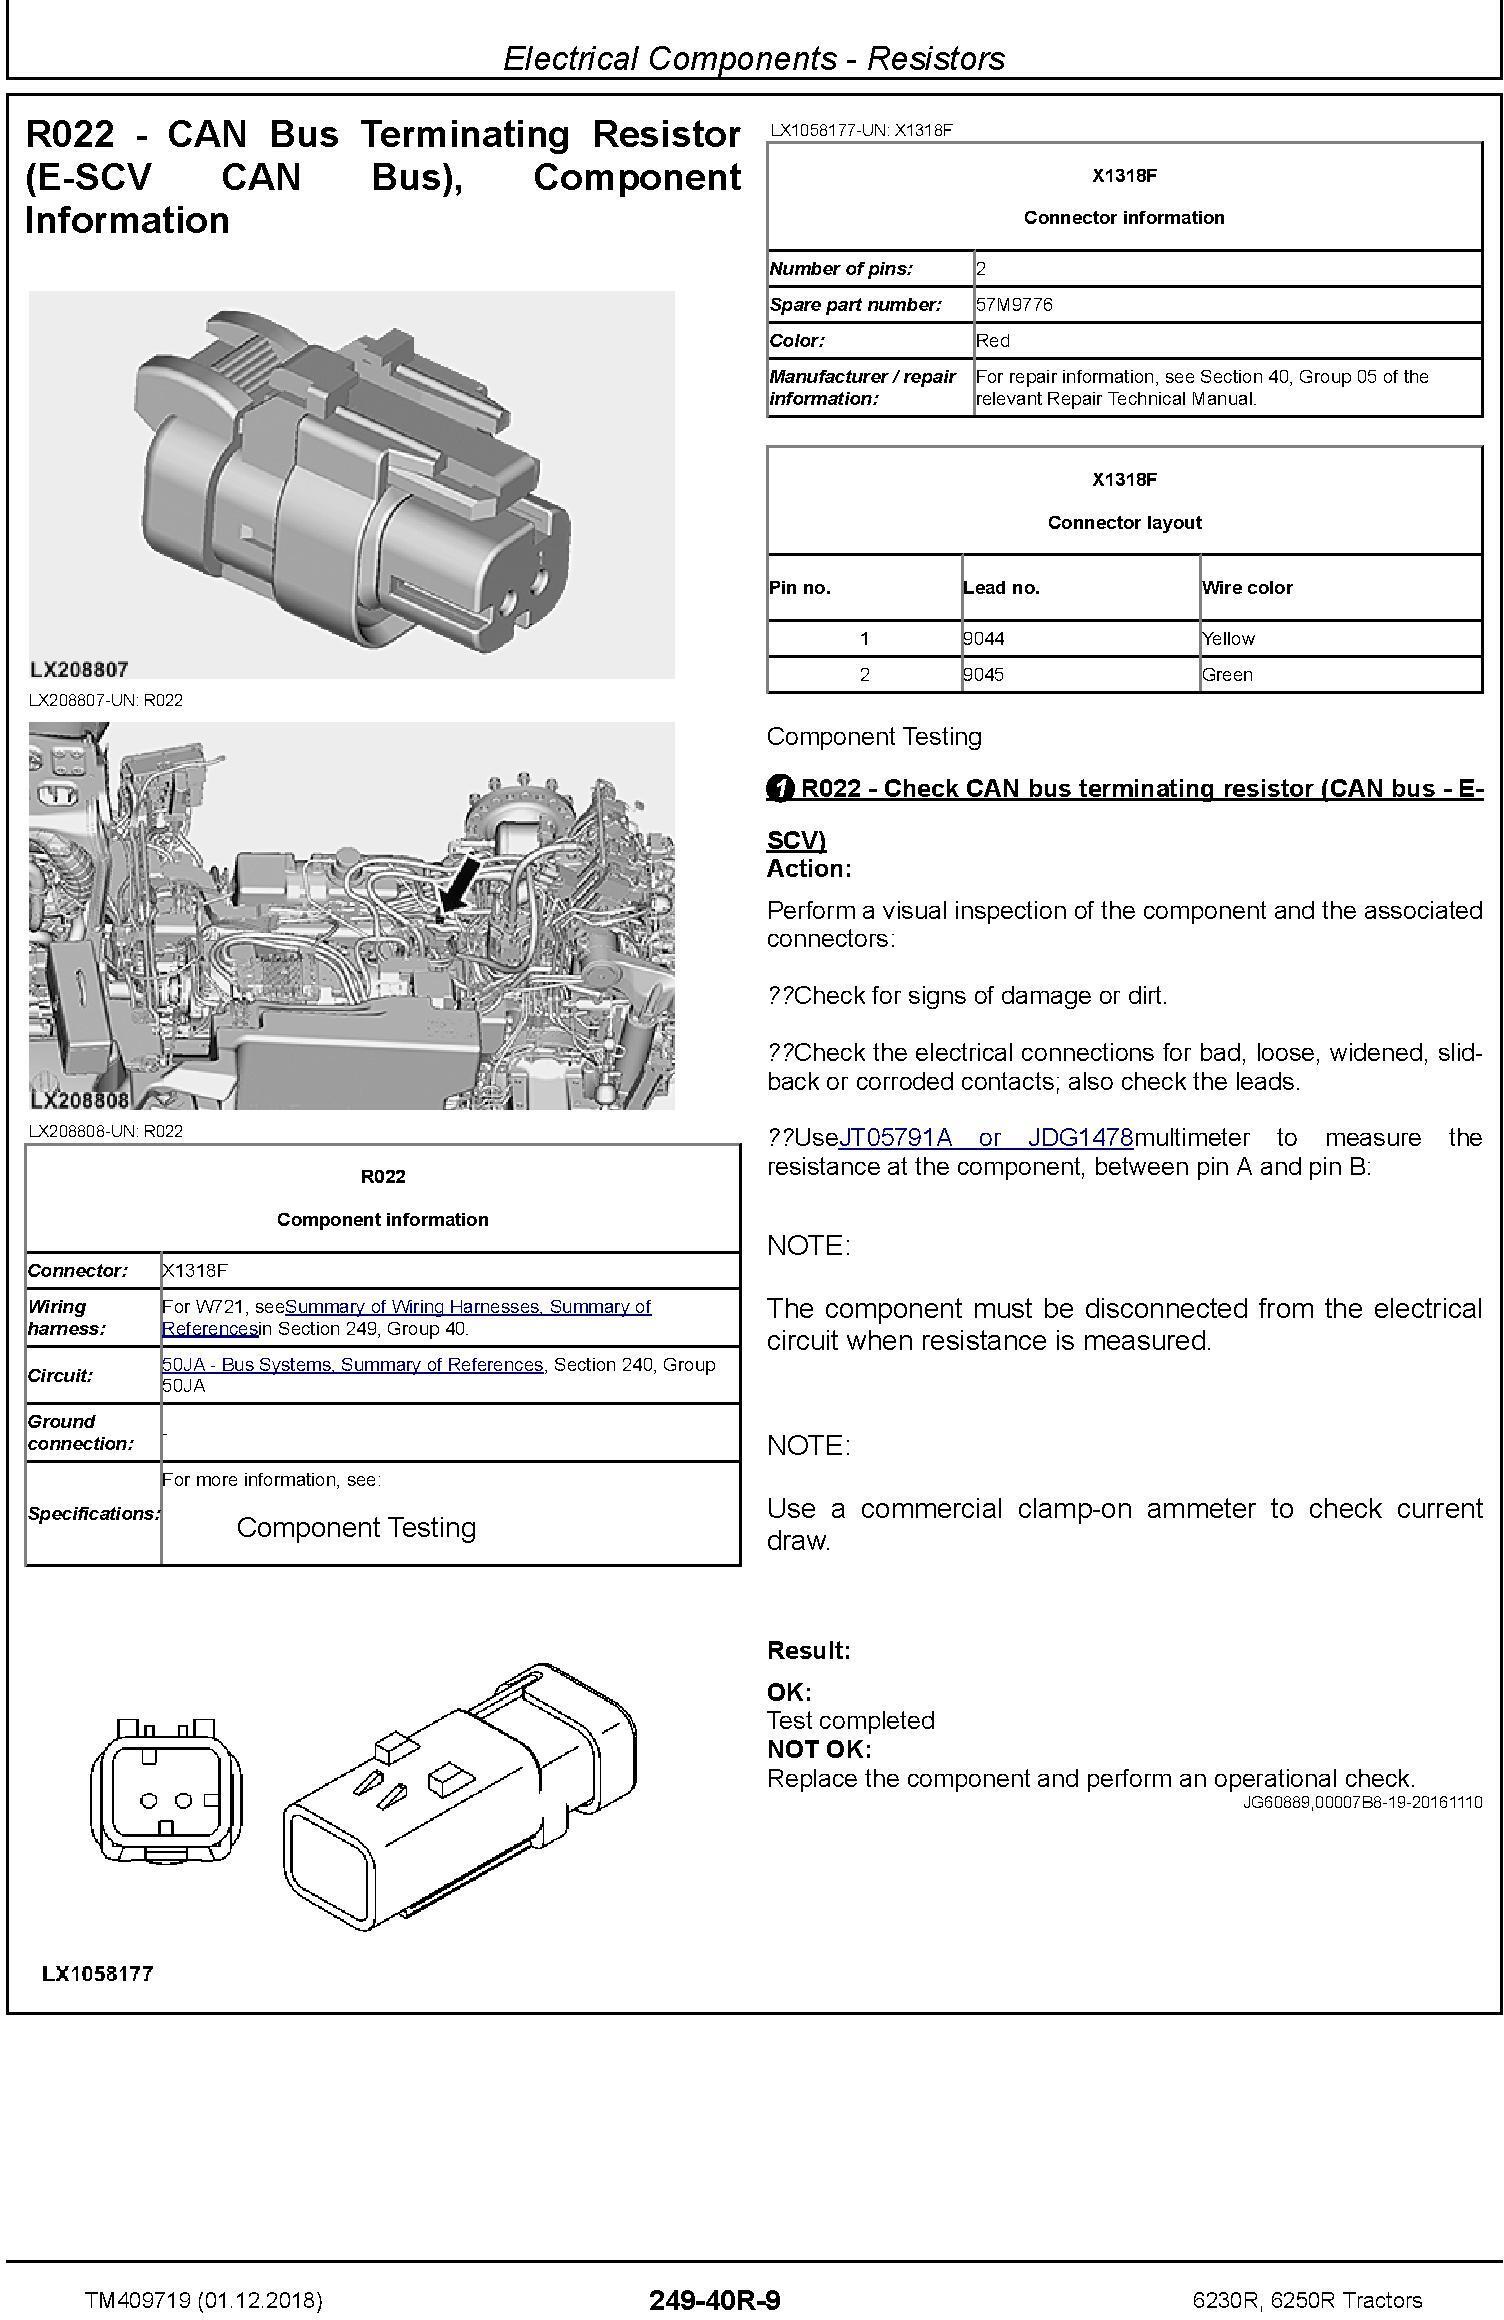 John Deere 6230R, 6250R Tractors MY2017,18,19 Diagnostic Technical Service Manual (TM409719) - 3